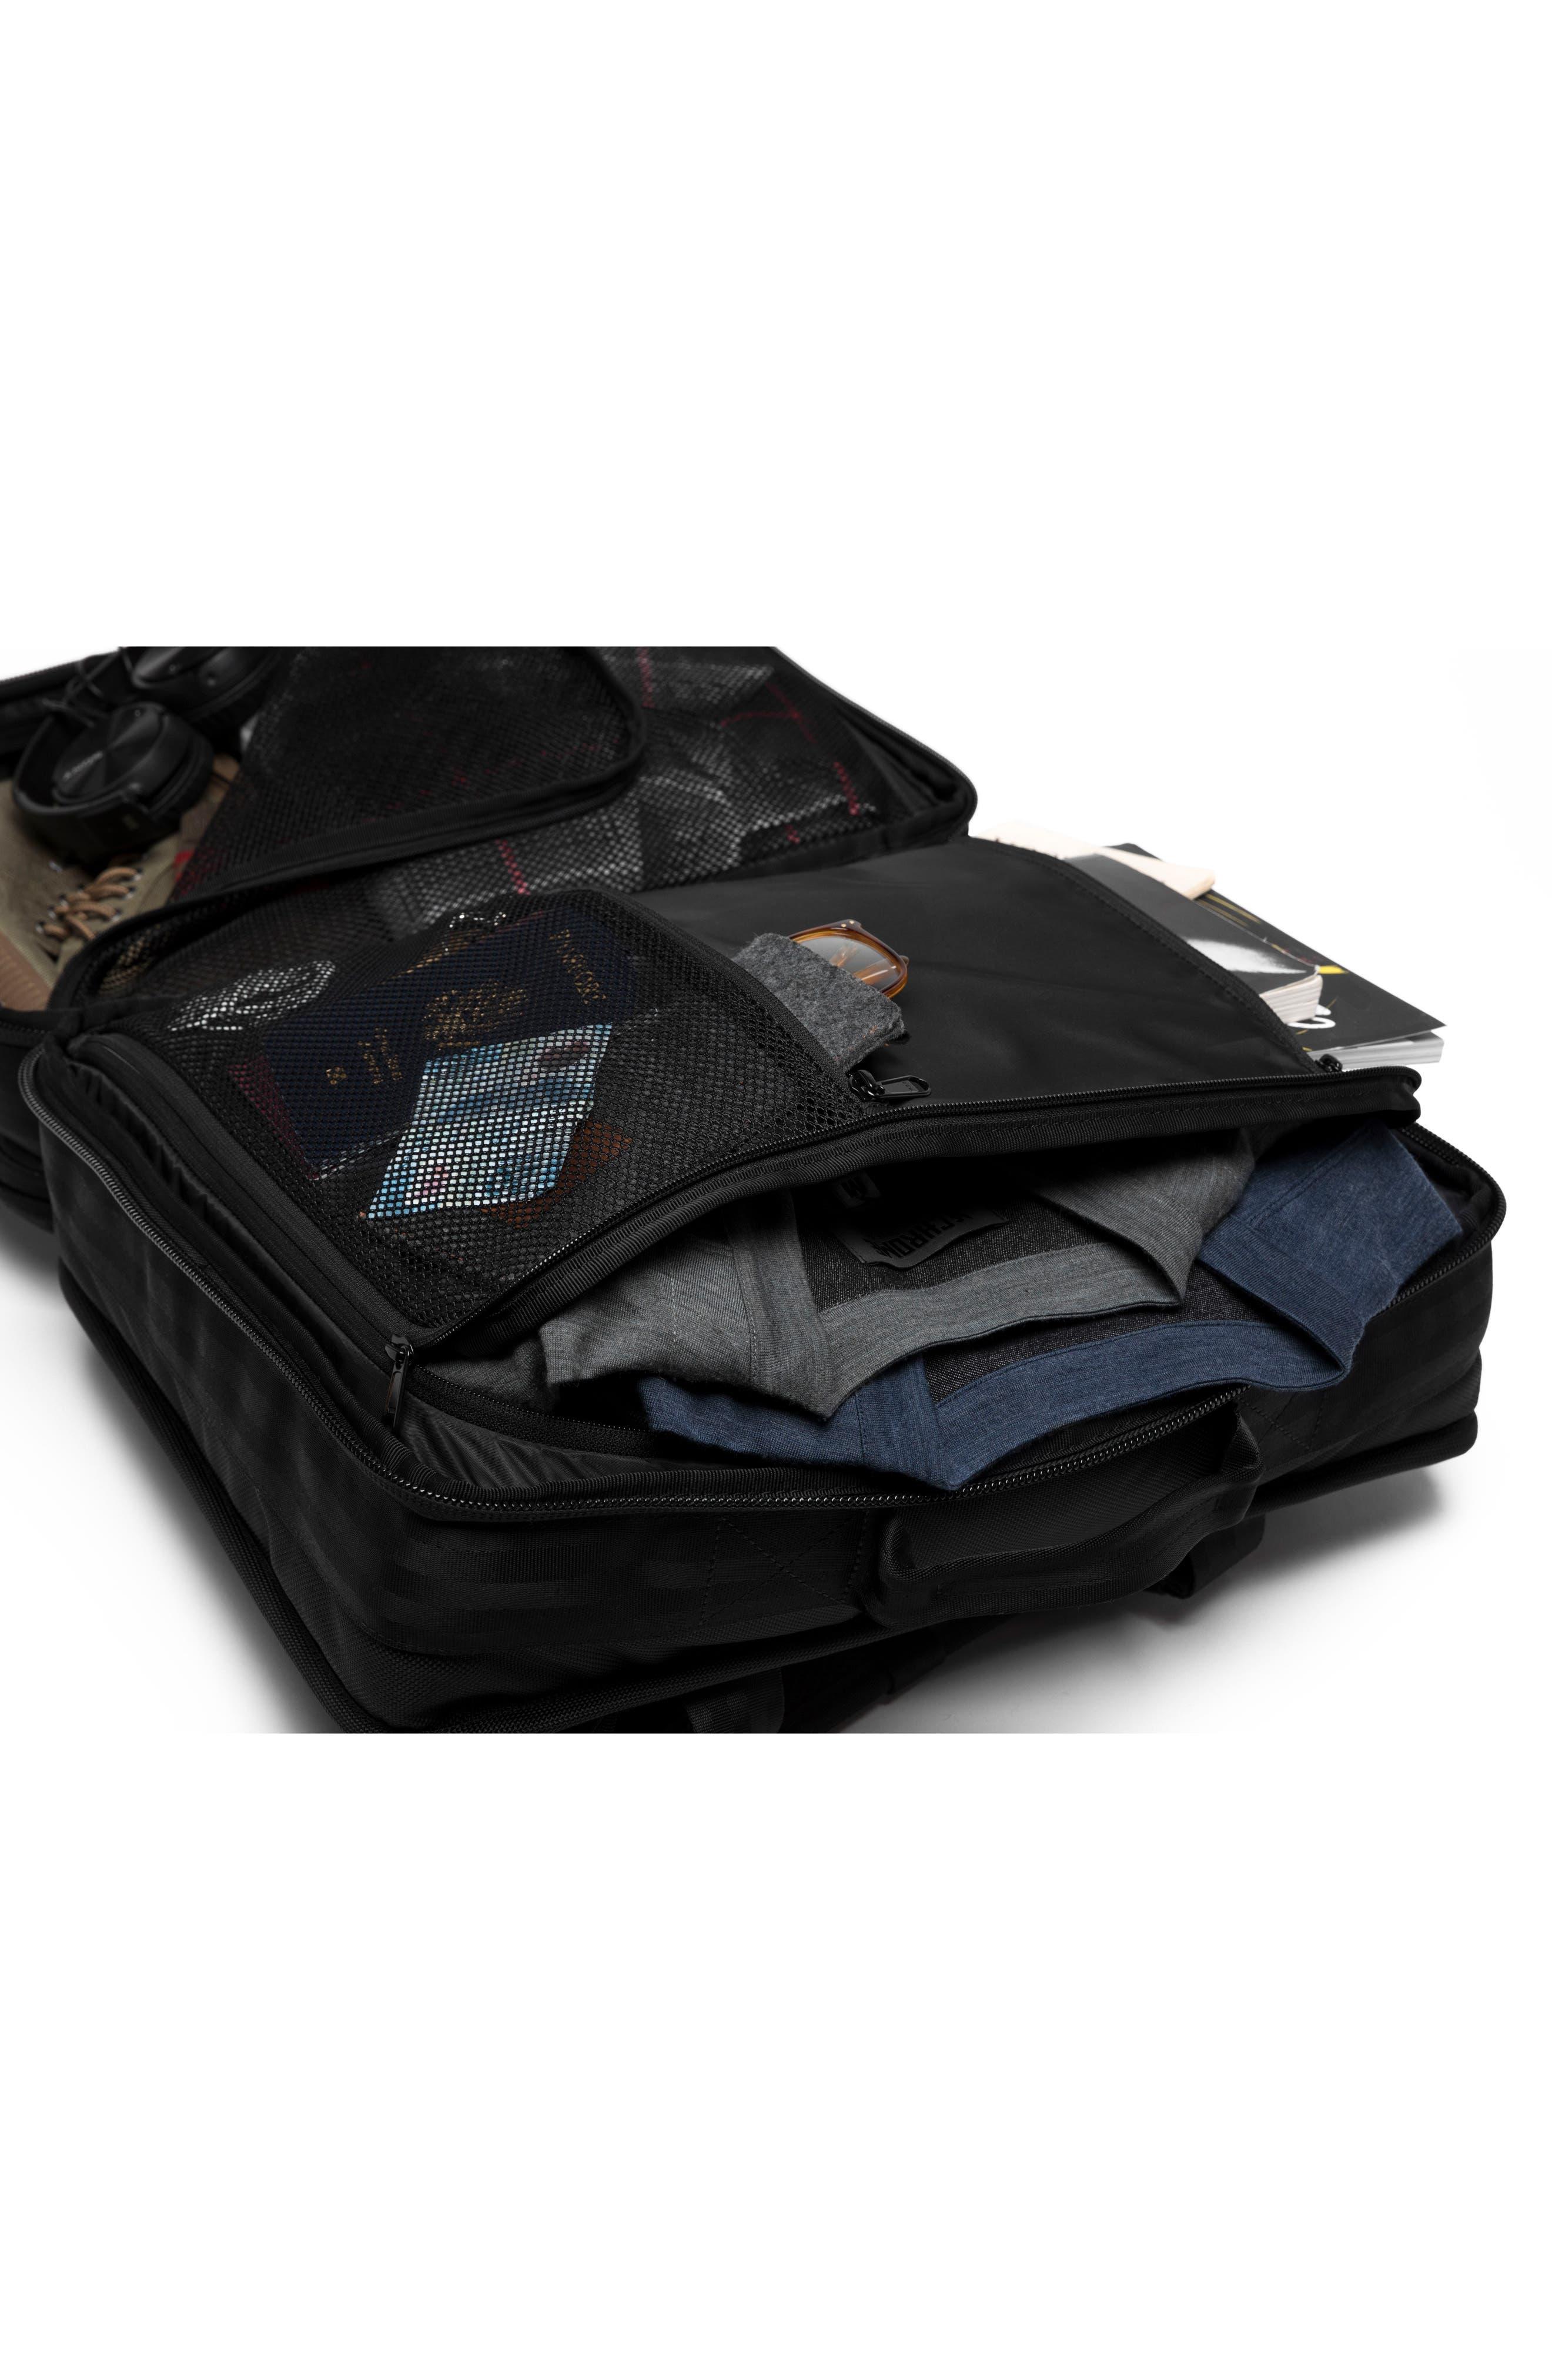 Macheto Travel Backpack,                             Alternate thumbnail 7, color,                             ALL BLACK